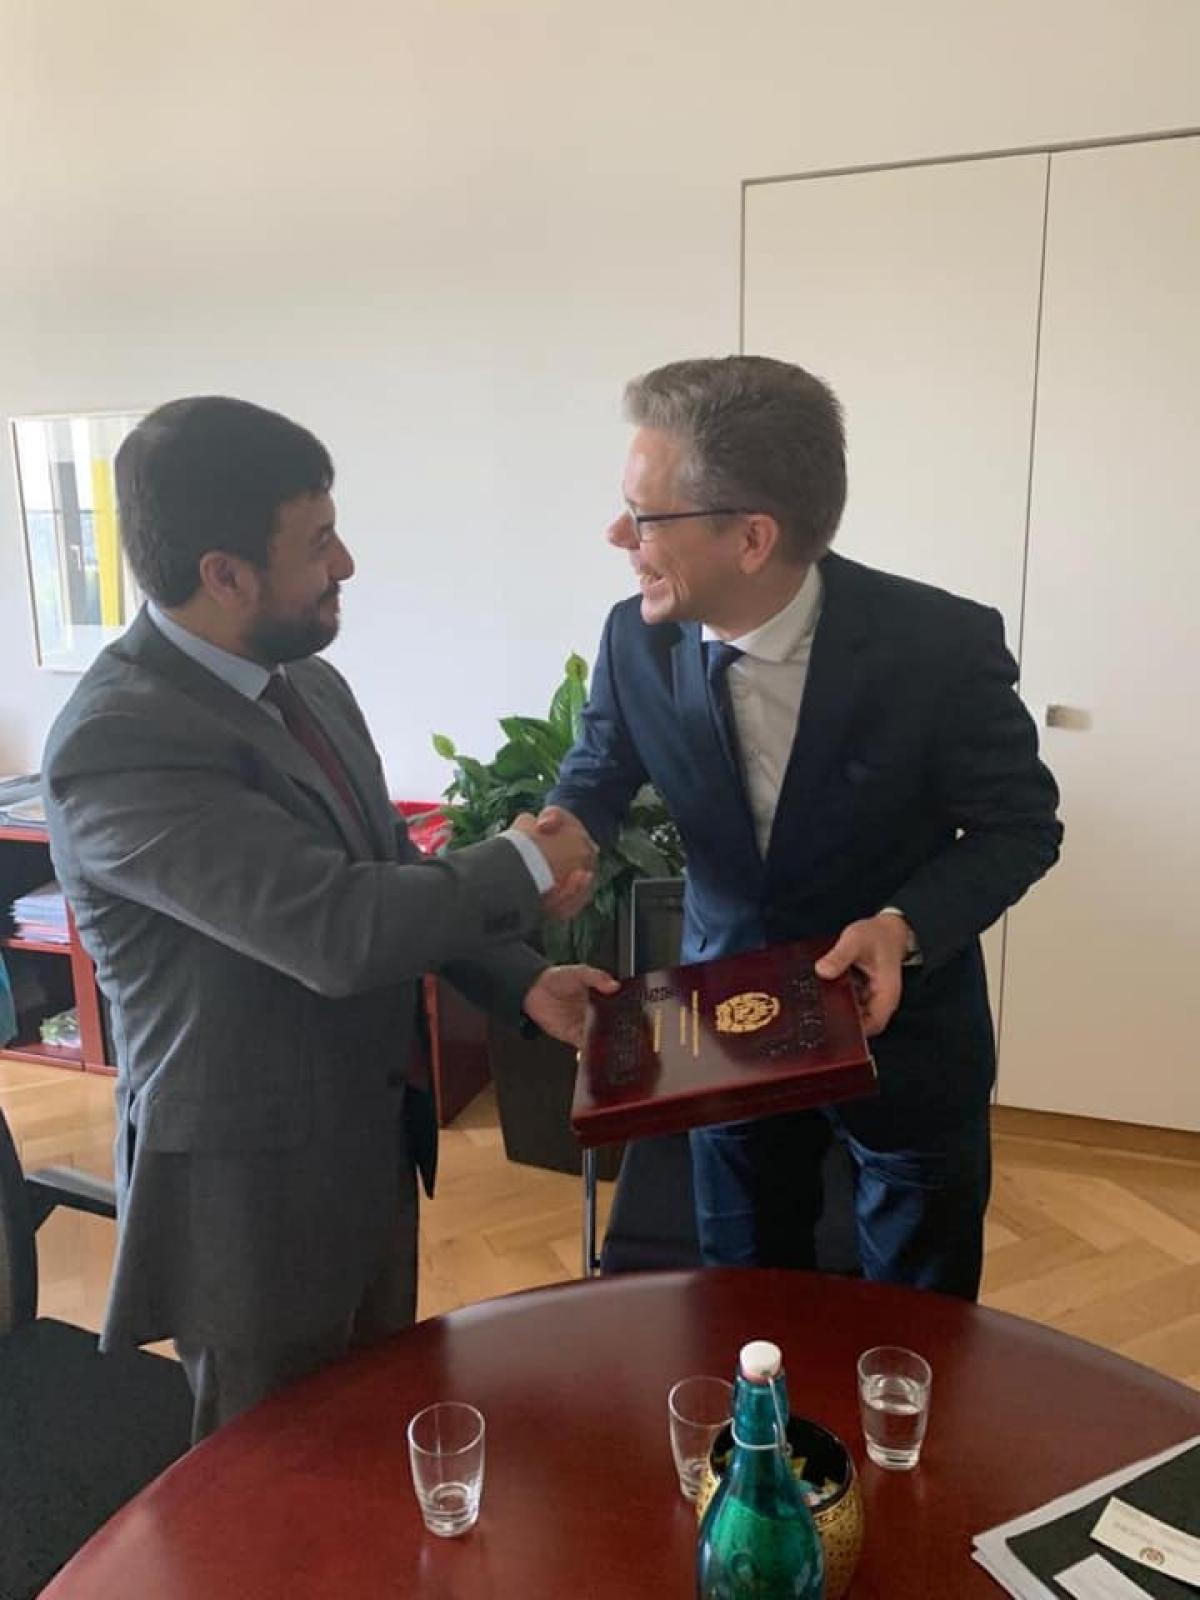 سفیر و نماینده دایمی افغانستان با رئیس امور آسیا پاسفیک وزارت امور خارجه سویس  دیدار نمود